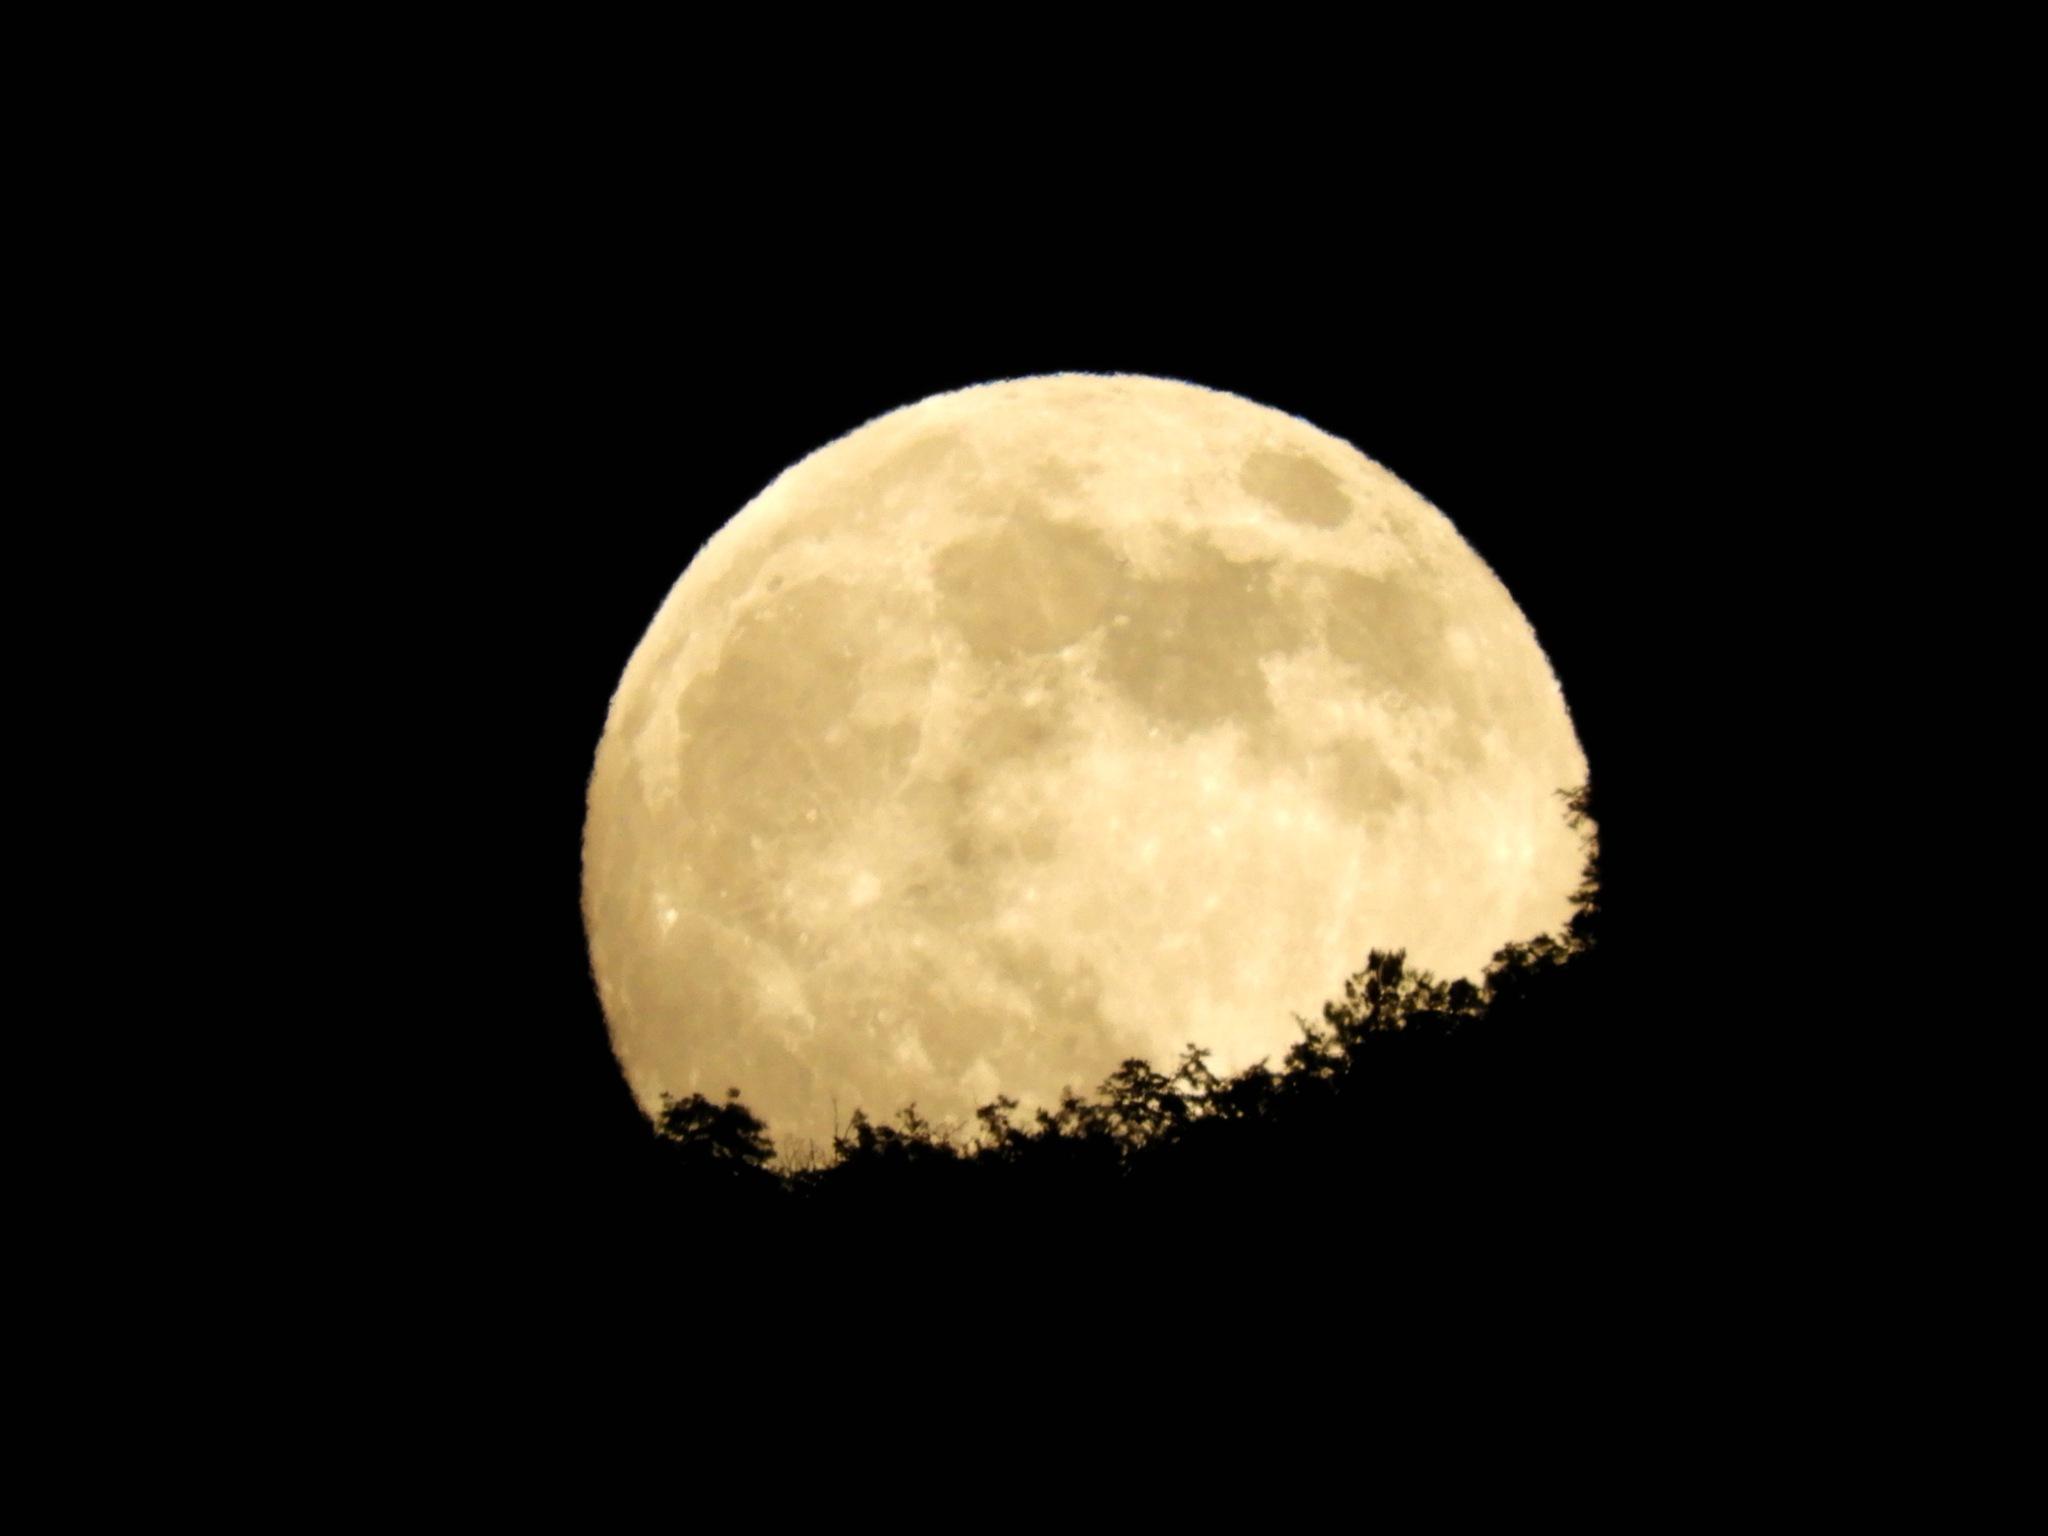 spunta la luna dal monte 2 by Piergiorgio Martini